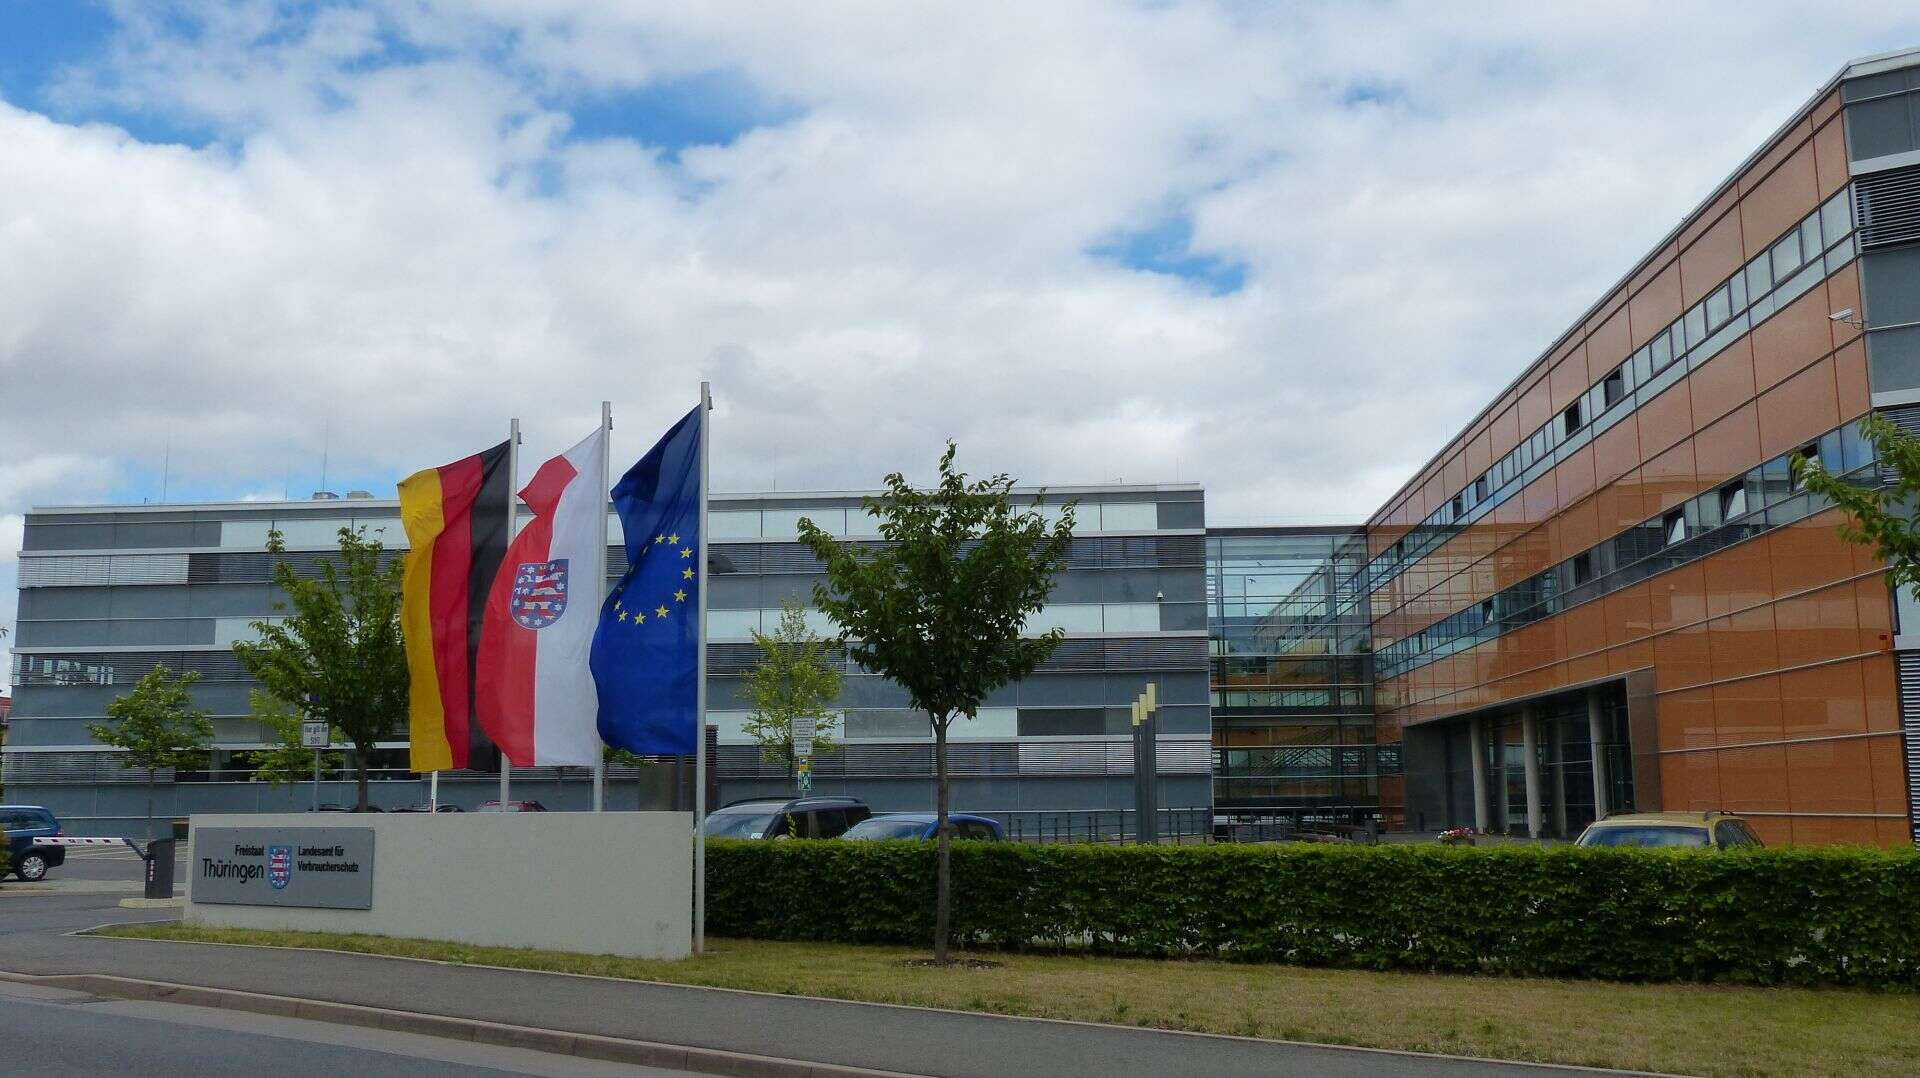 Blick auf die Einfahrt zum Dienstgebäude in Bad Langensalza mit Namensschild und Fahnen